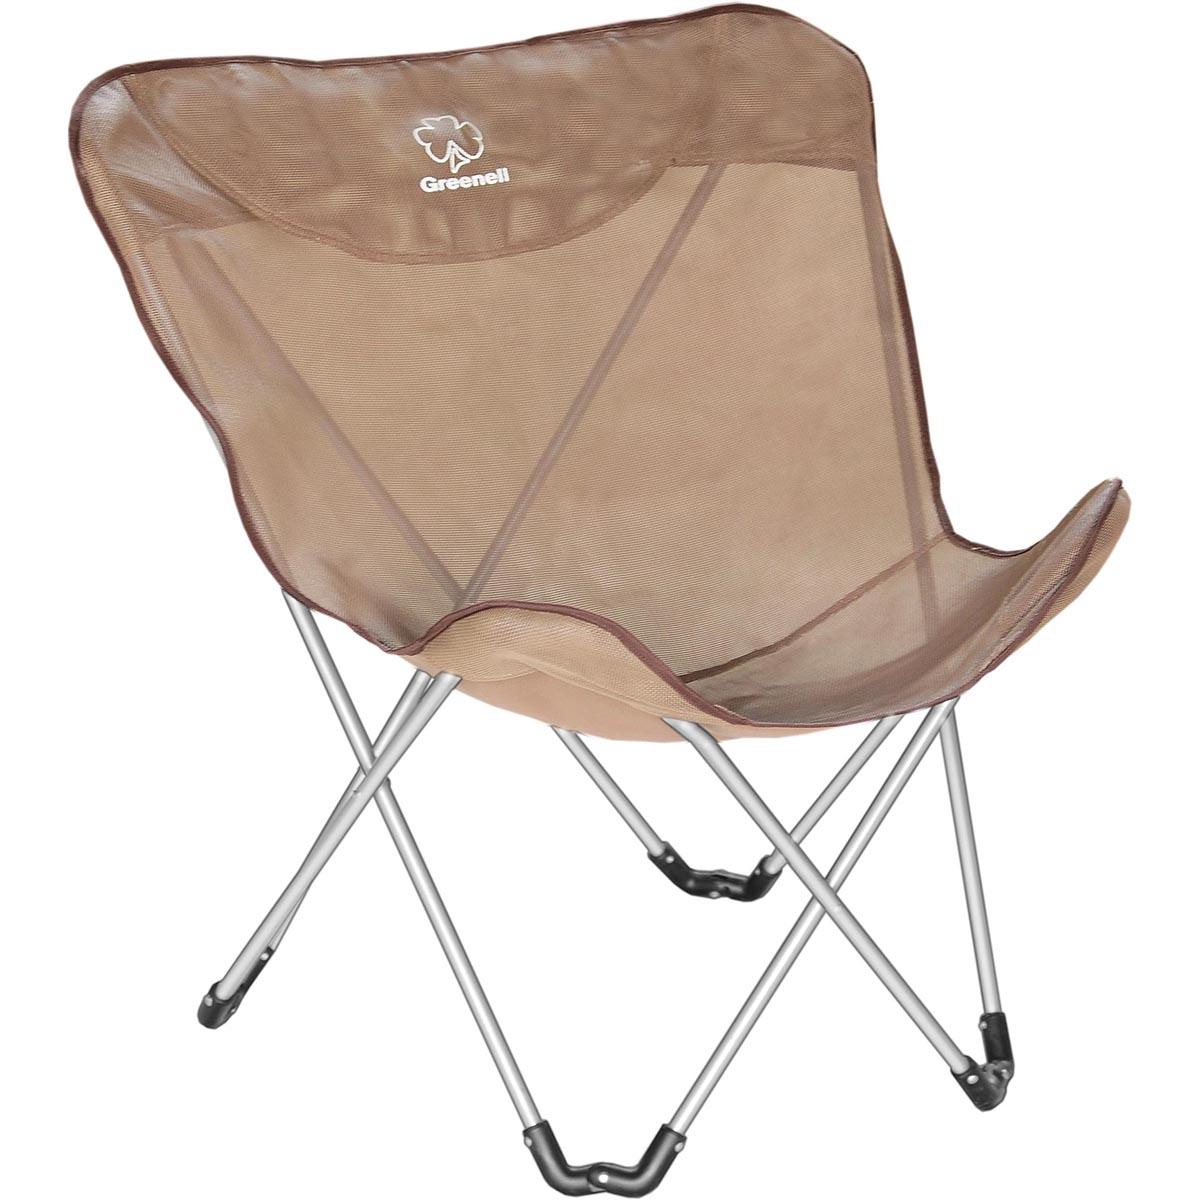 Кресло складное Greenell Баттерфляй FC-14, цвет: коричневый95796-232-00Компактная универсальная модель кресла, быстро устанавливается, хорошо вентилируется. Материал устойчивый к ультафиолету и быстро сохнет. Макс нагрузка: 120 кг